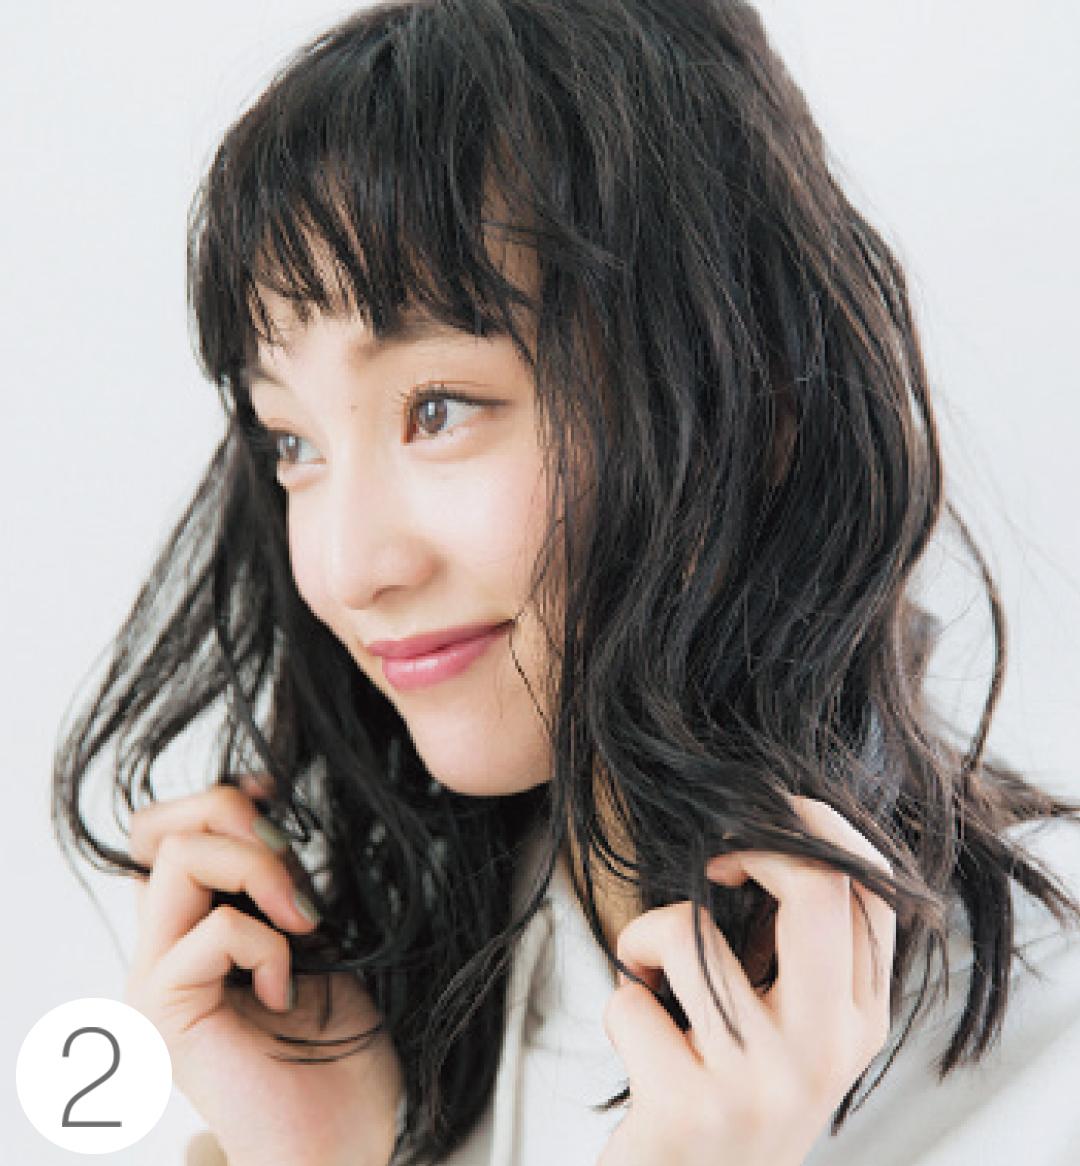 山田愛奈がお手本! 透明感カラーの黒髪でヘアアレンジ★_1_4-2